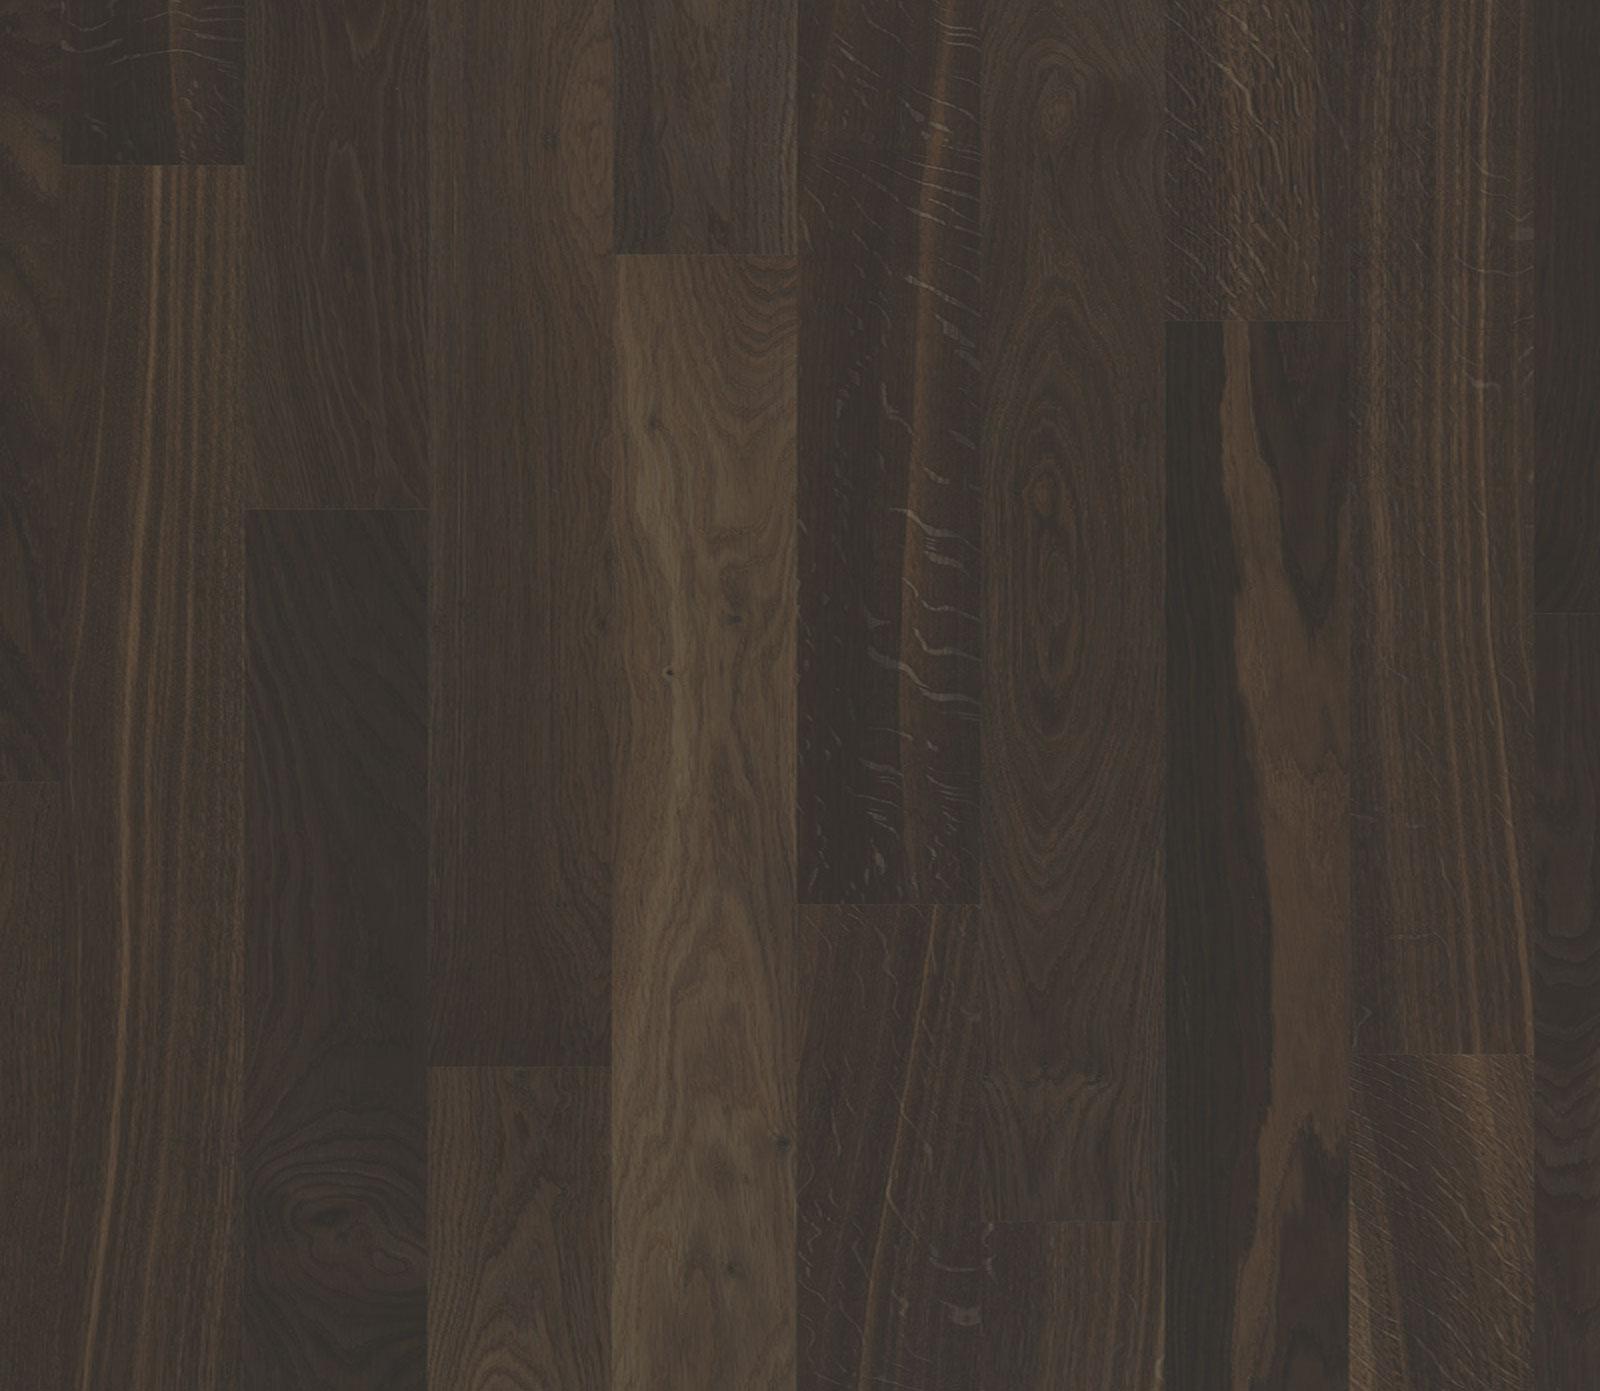 parkett abschleifen und versiegeln abschleifen und versiegeln with parkett abschleifen und. Black Bedroom Furniture Sets. Home Design Ideas